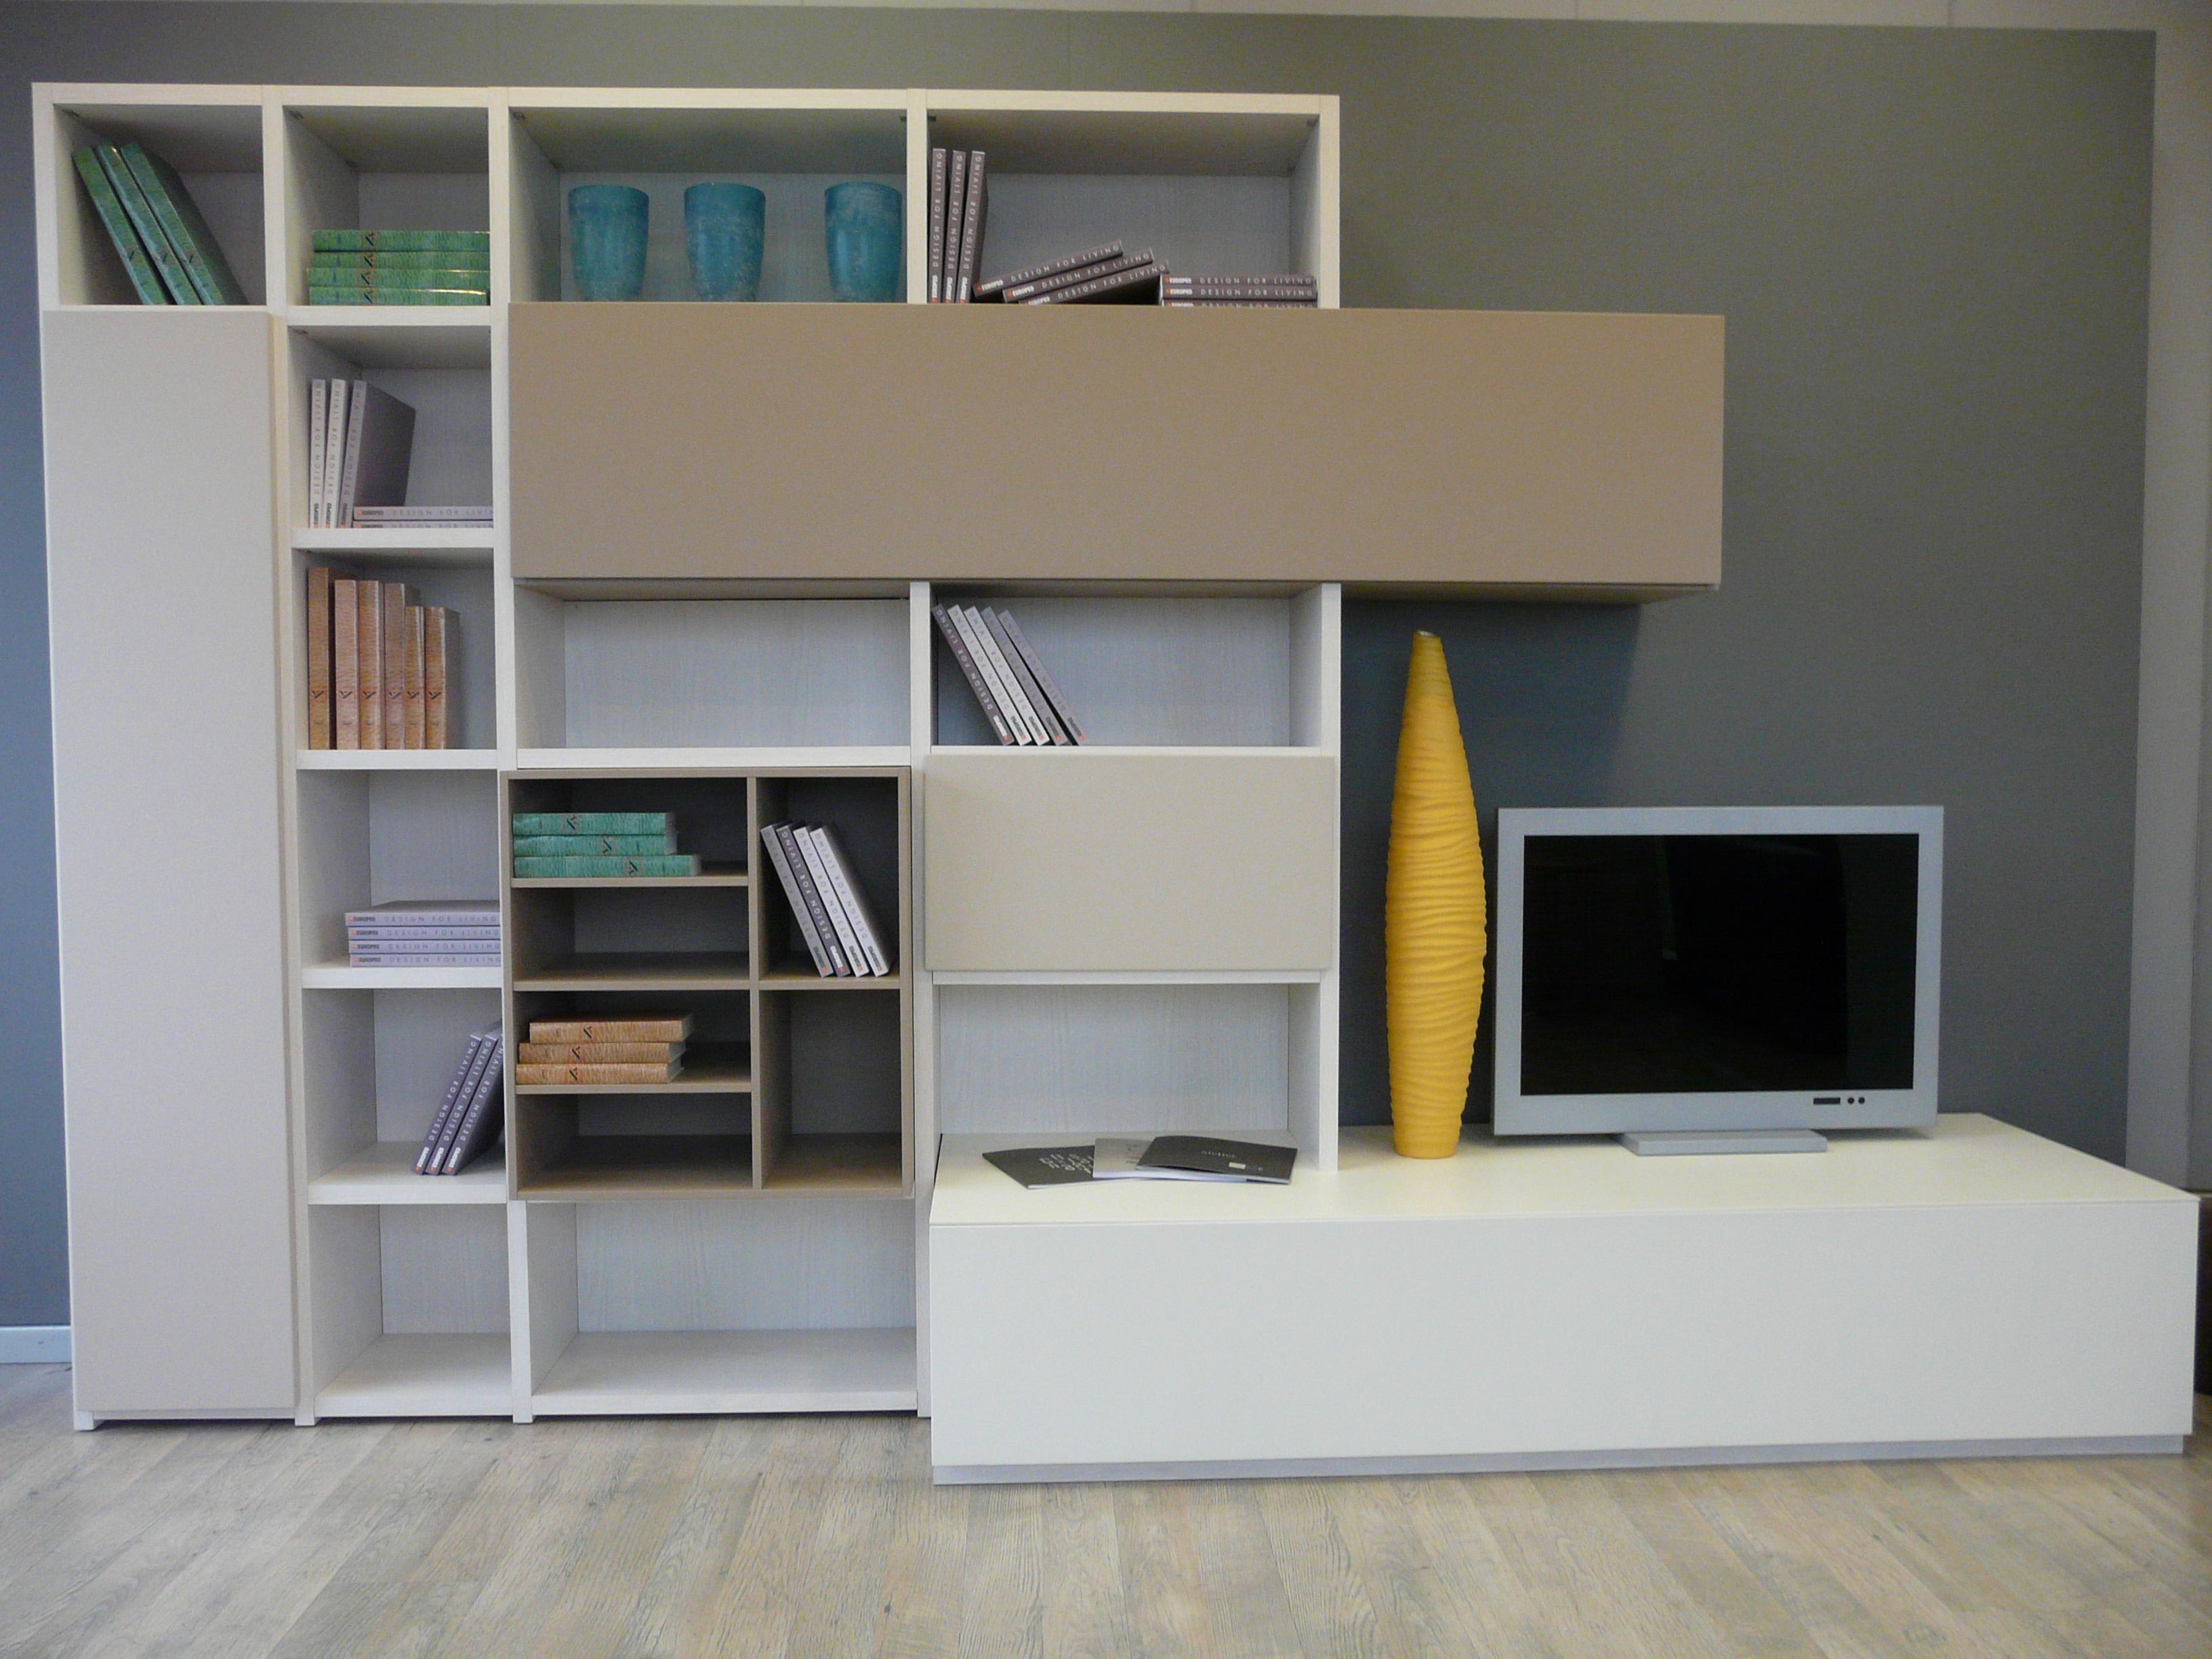 Soggiorni scontati soggiorno moderno in ciliegio mobili archivi soggiorno arte povera - Mobili giessegi opinioni ...